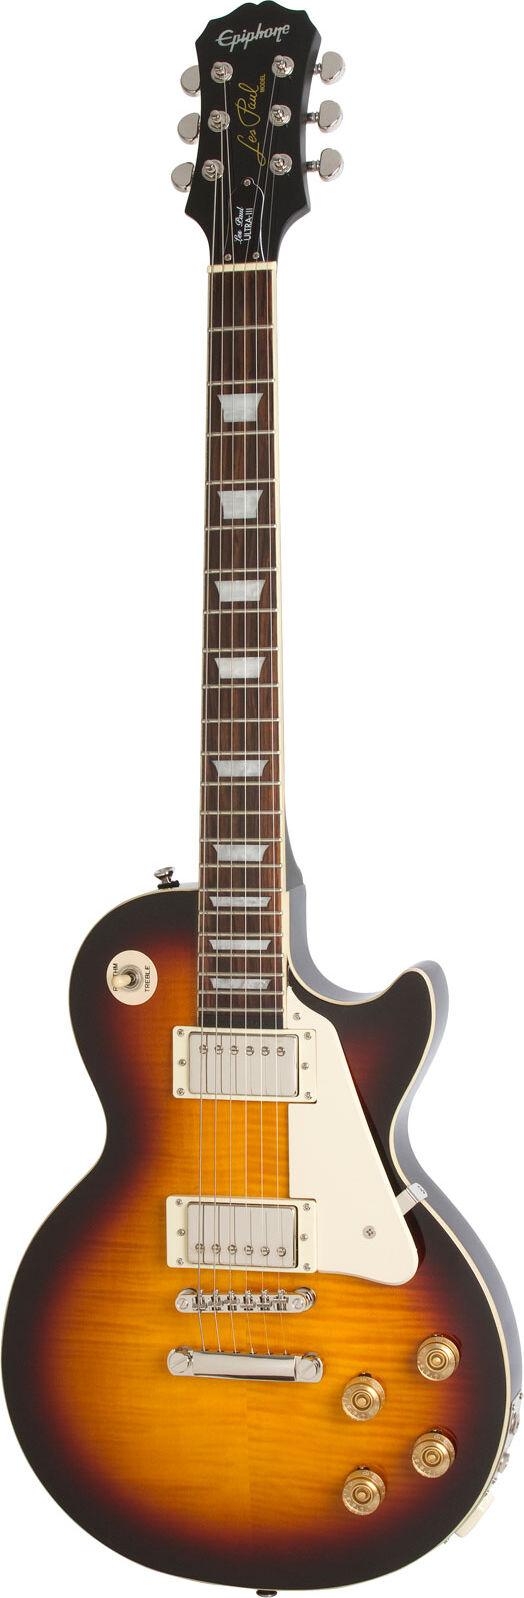 epiphone les paul ultra-iii guitare electrique vintage sunburst